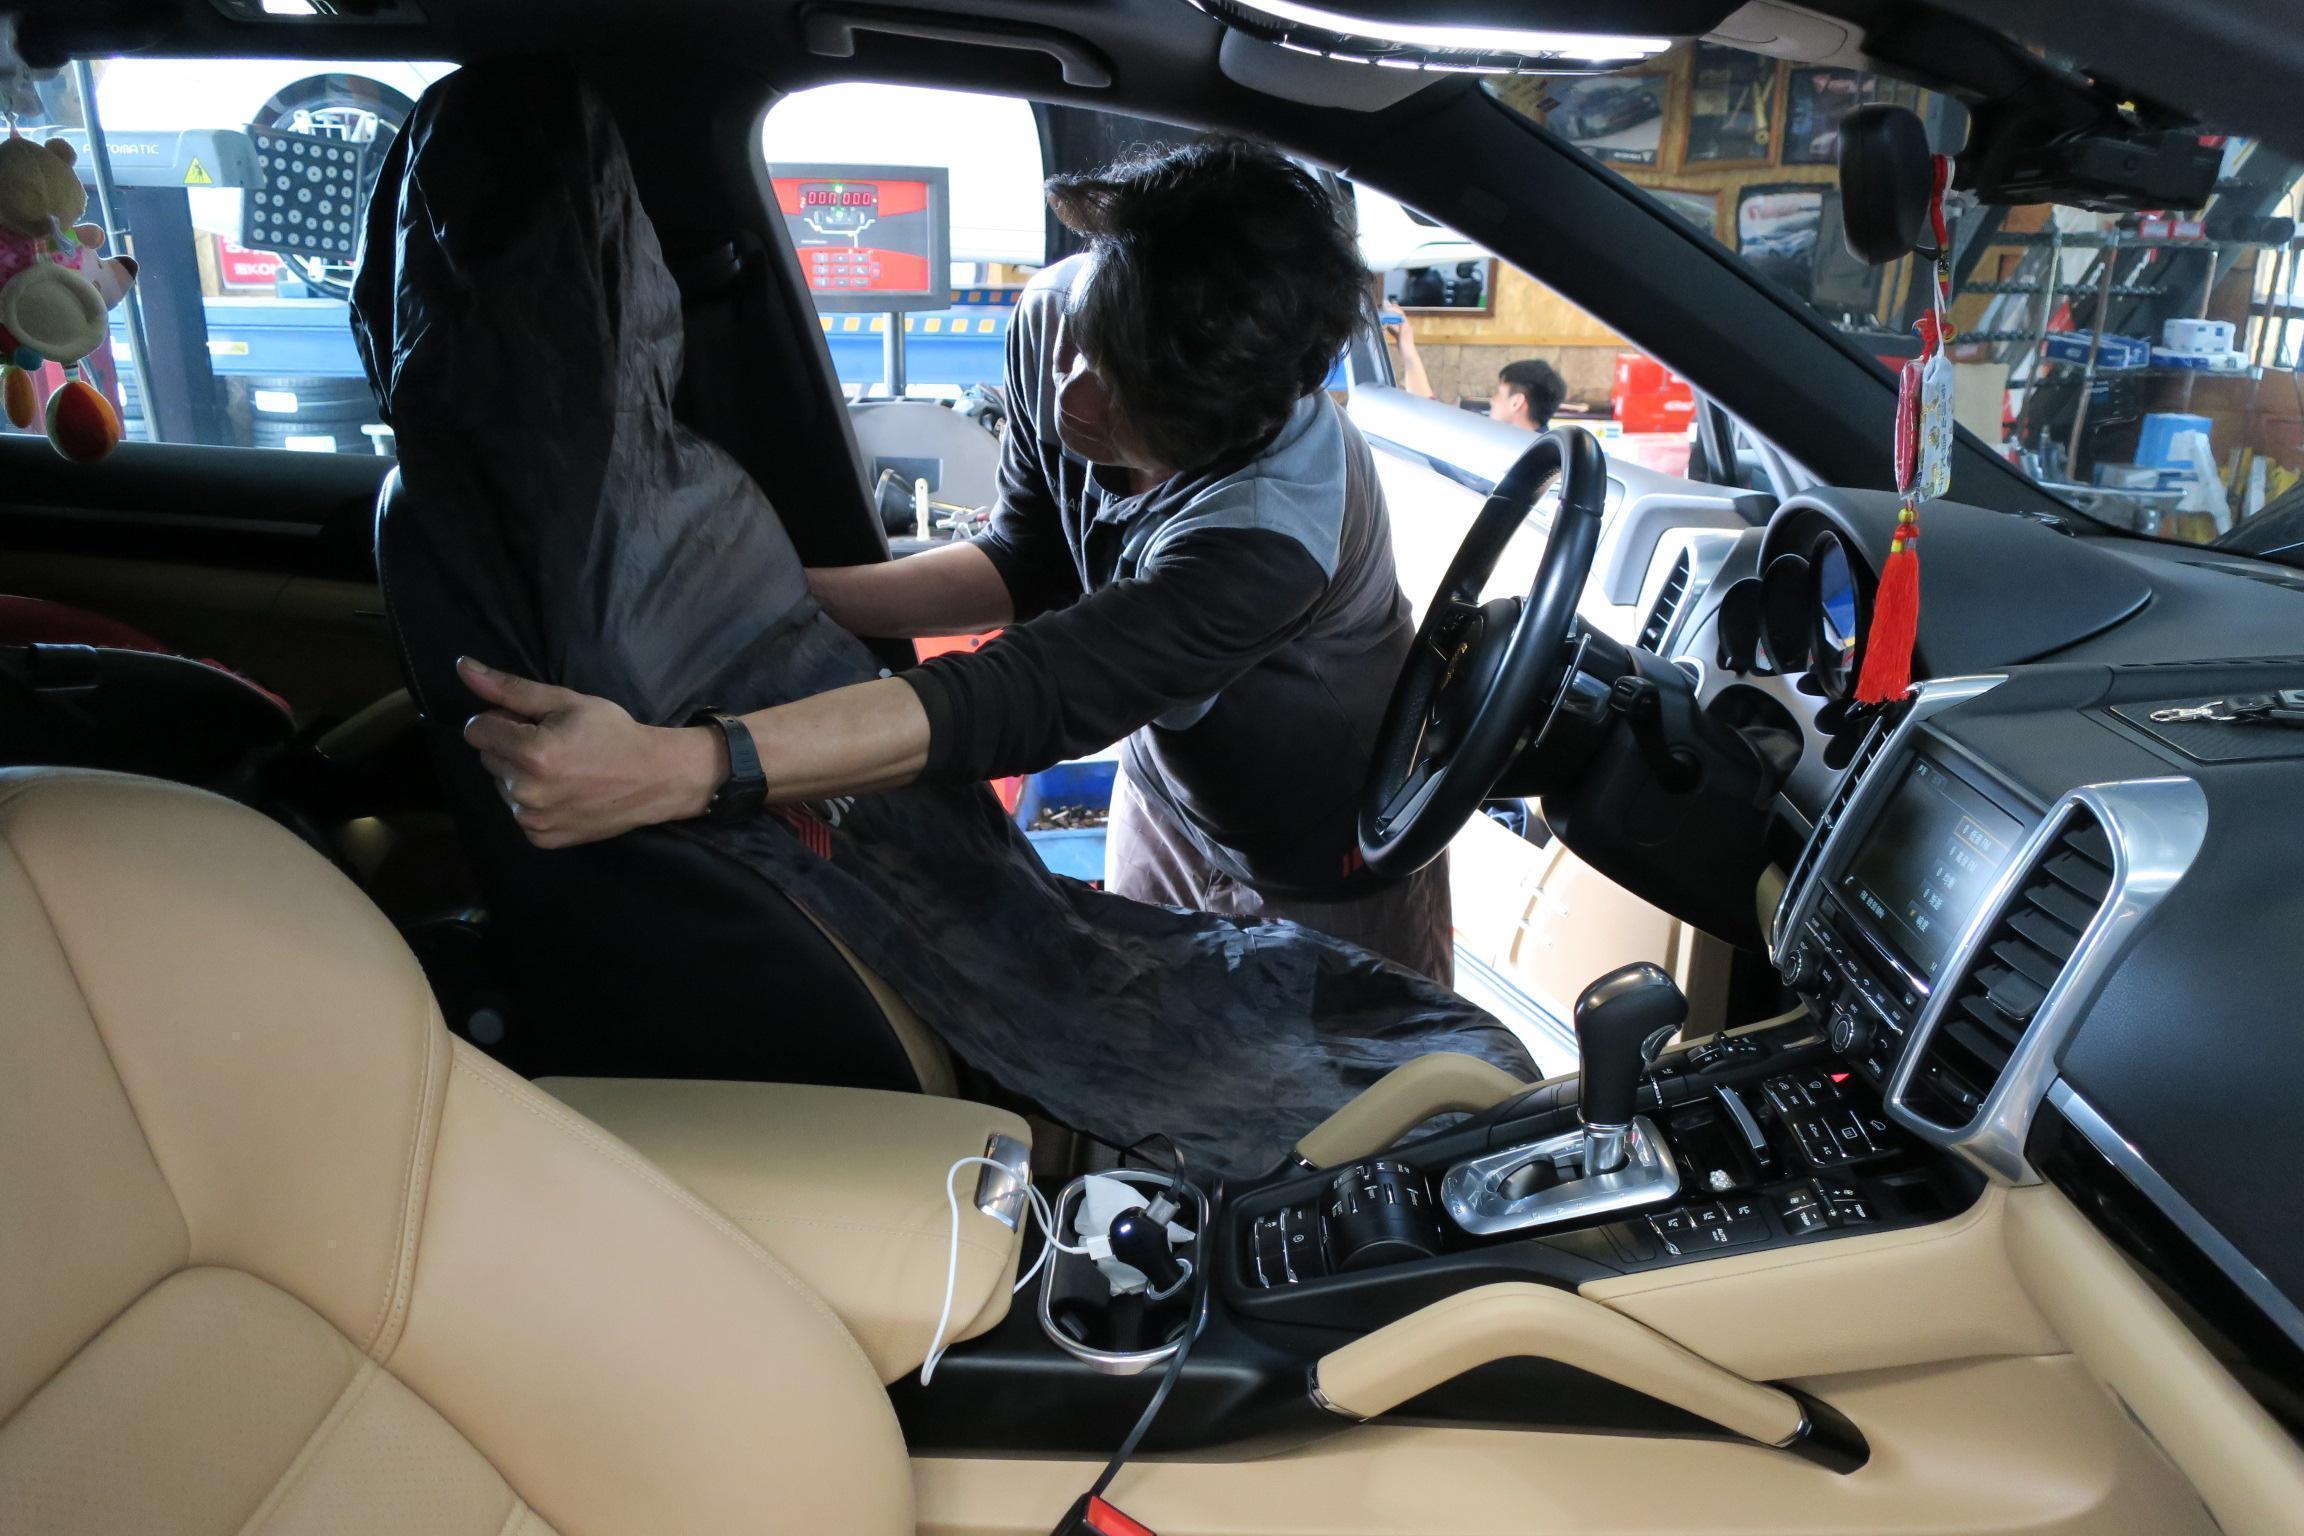 車輛進廠後,會為愛車鋪上防汙椅套,避免座椅沾染油漬。